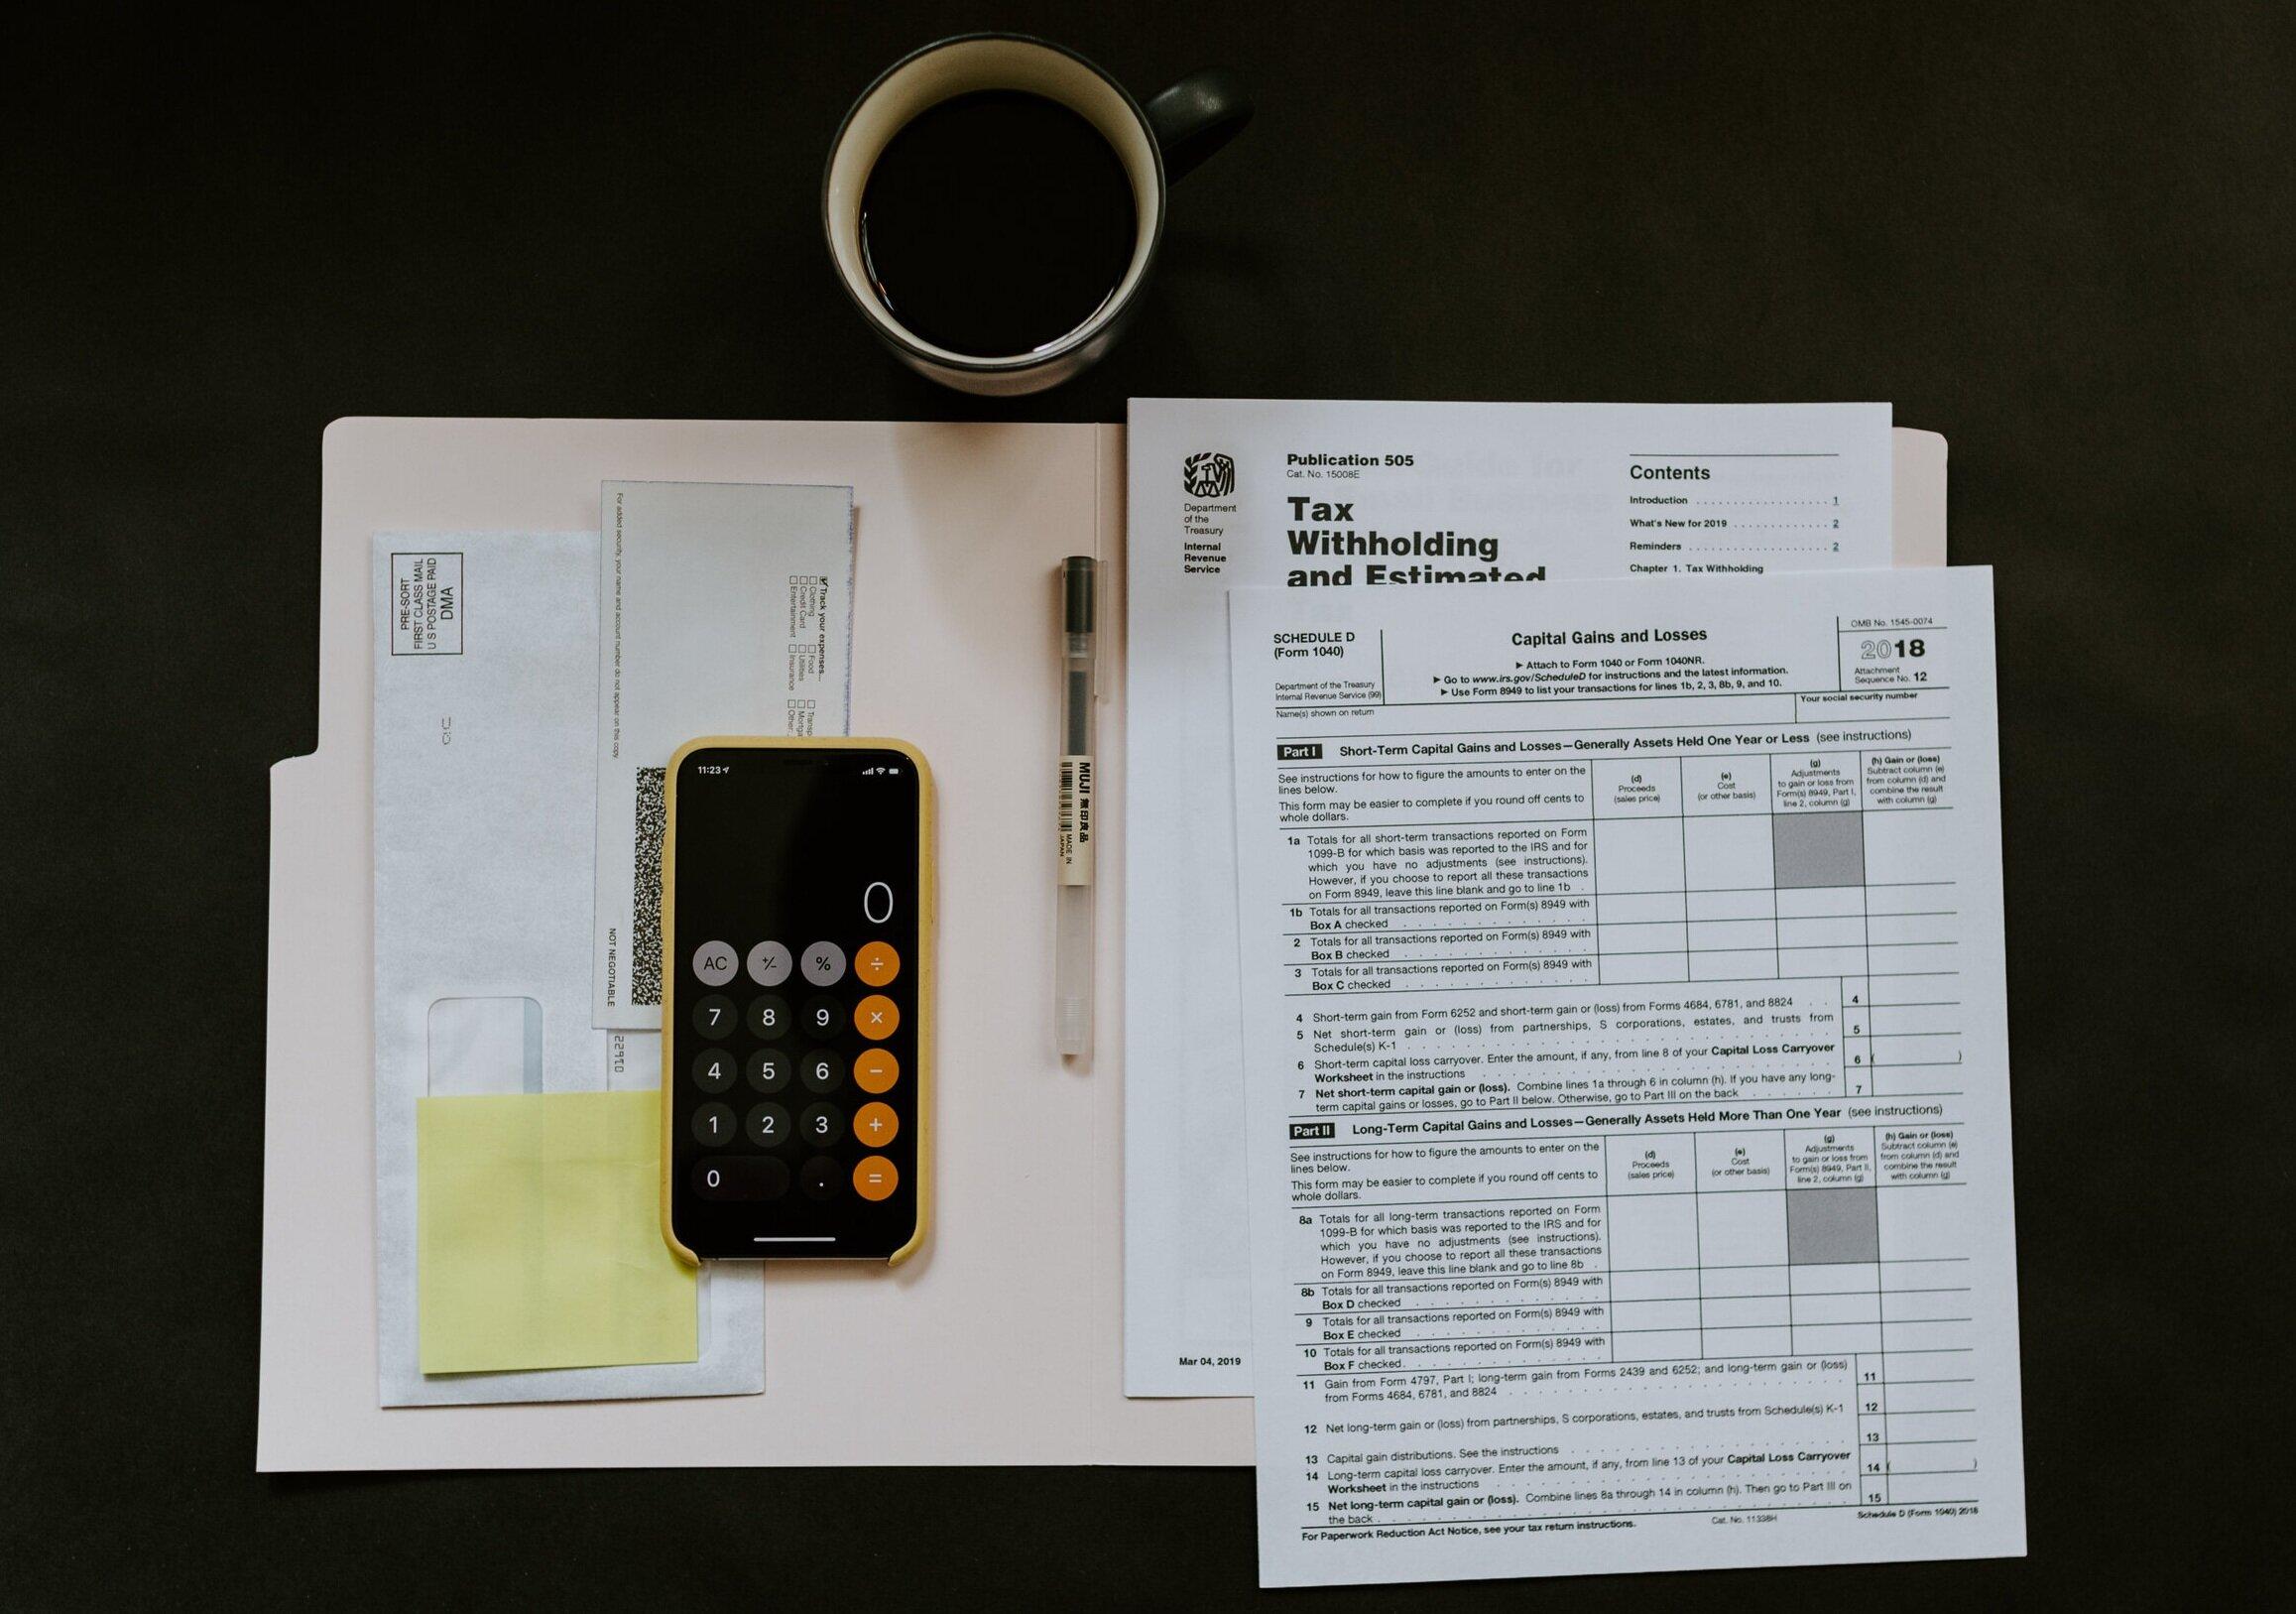 Comptabilité - La tenue des livres de compte est sans nul doute une tâche des plus chronophages pour quelqu'un de novice dans cette discipline. Notre experte en comptabilité, Hélène Couture, est prête à vous en apprendre les rouages et même à le faire pour vous via les services suivants :- Création d'aide-mémoires (ou procédures) pour faciliter l'autonomie- Création d'outils de comptabilité- Création d'une charte comptable selon les activités de la compagnie- Comptabilisation de la paie dans Sage (avec le module de la paie ou sans module)- Projections financières- Fiches de paies- Charte comptable- Etc.